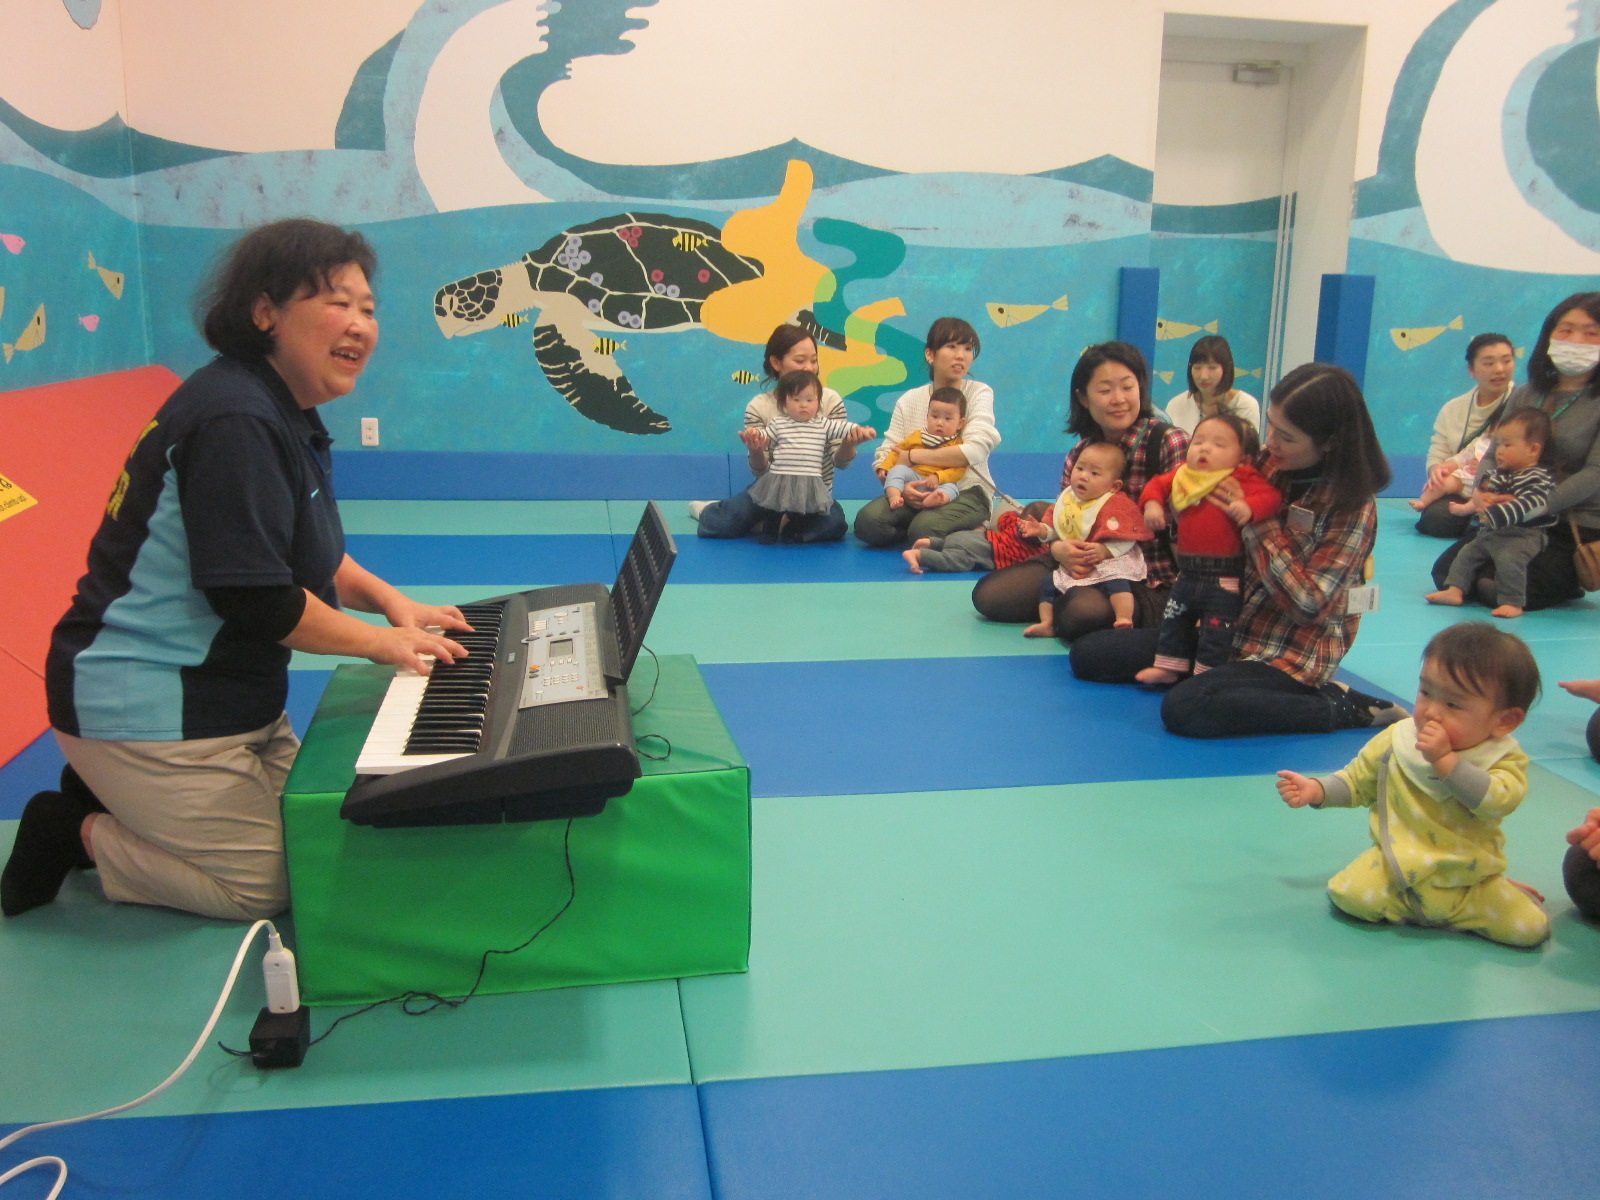 7月27日 赤ちゃんの日イベント「手づくりマラカスでミュージック!」を行います